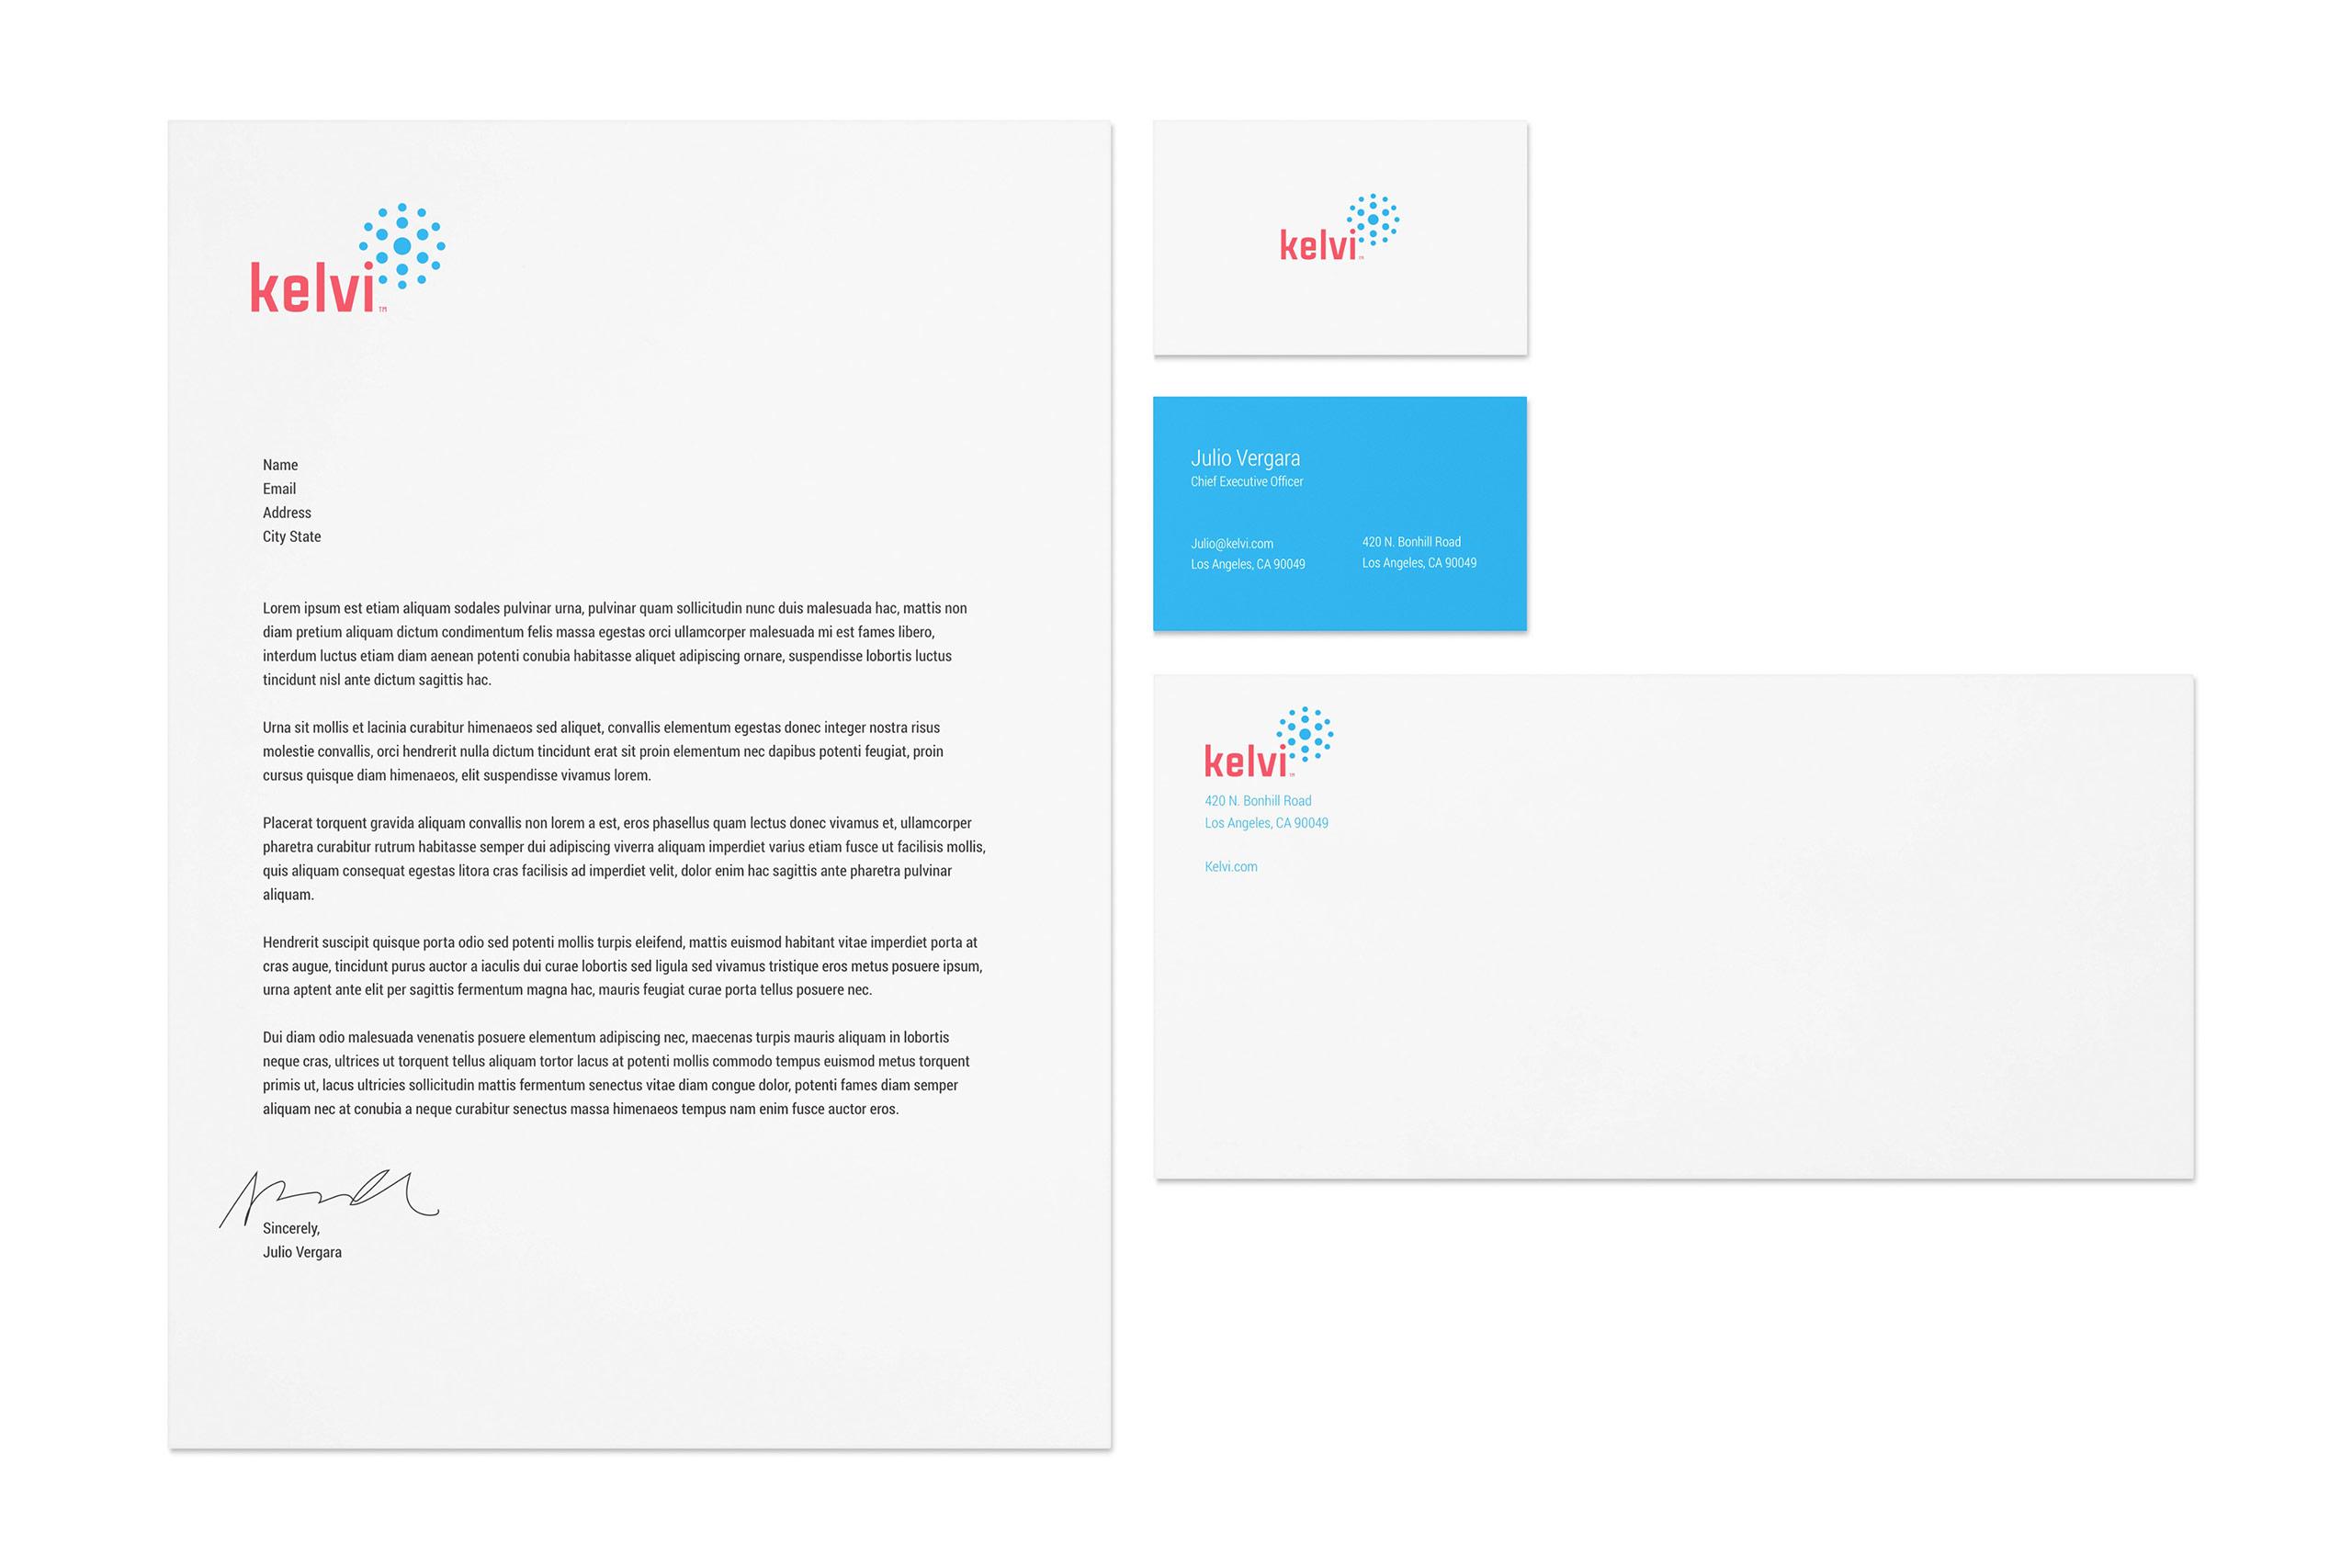 Kelvi branding package